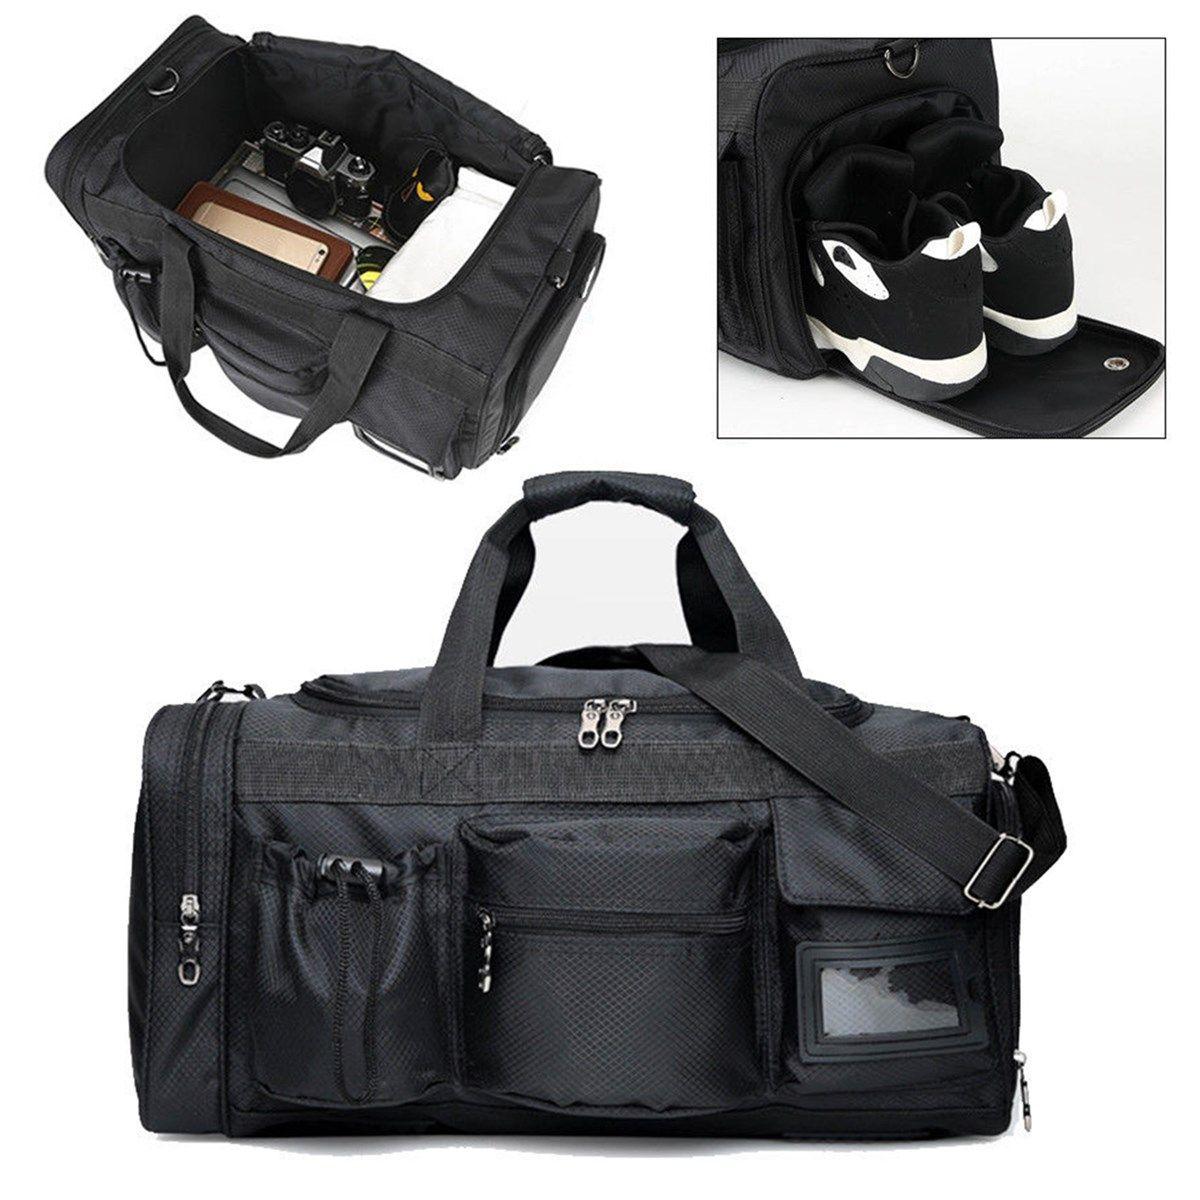 Grande capacité week-end sac à bagages voyage sacs de sport formation sac de sport toile multifonction sac à main femme en plein air sport fourre-tout